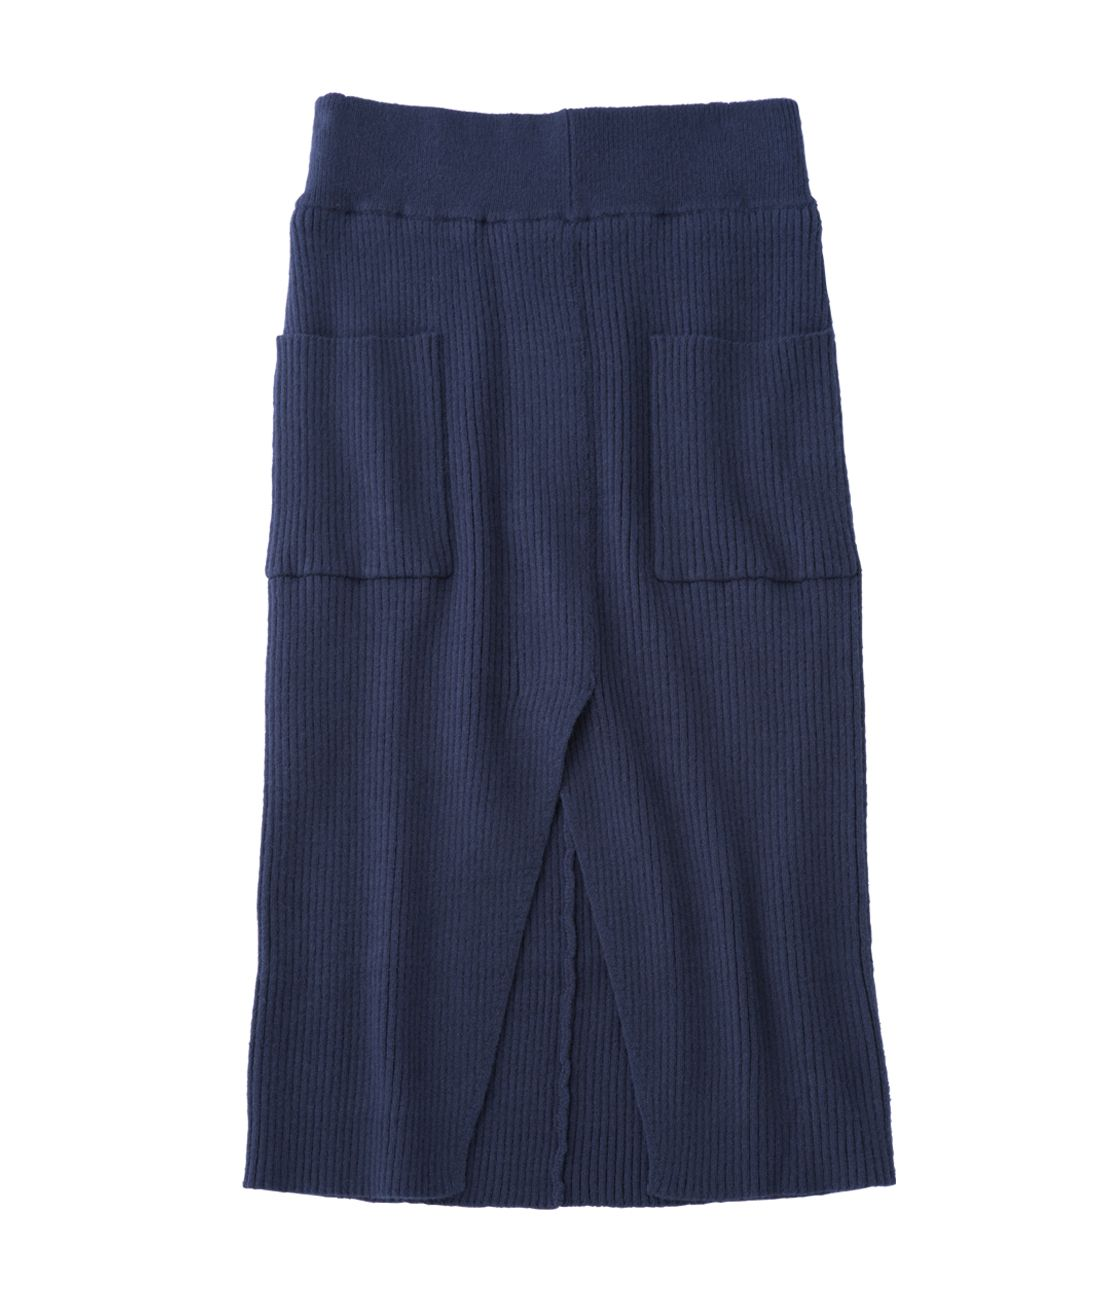 寬羅紋針織裙Mimore